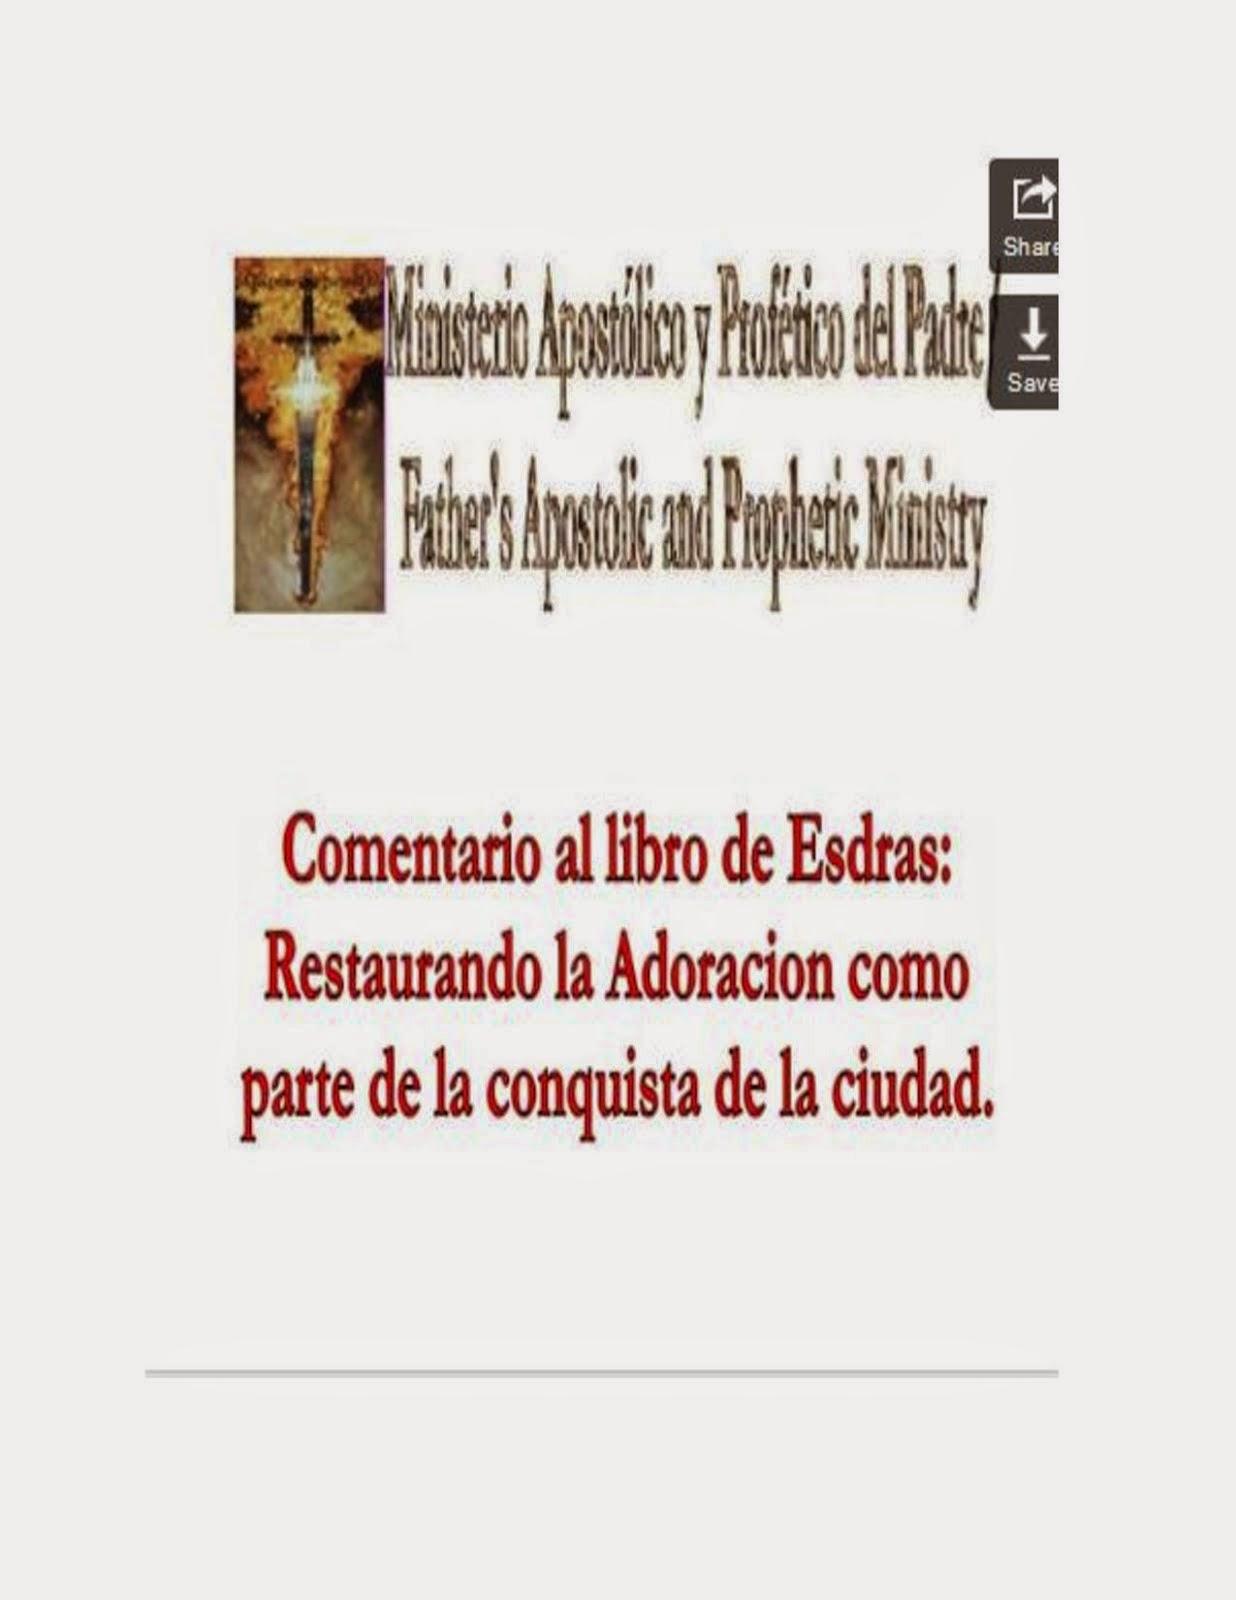 COMENTARIO AL LIBRO DE ESDRAS: RESTAURANDO LA ADORACION PARA LA TOMA DE LA CIUDAD